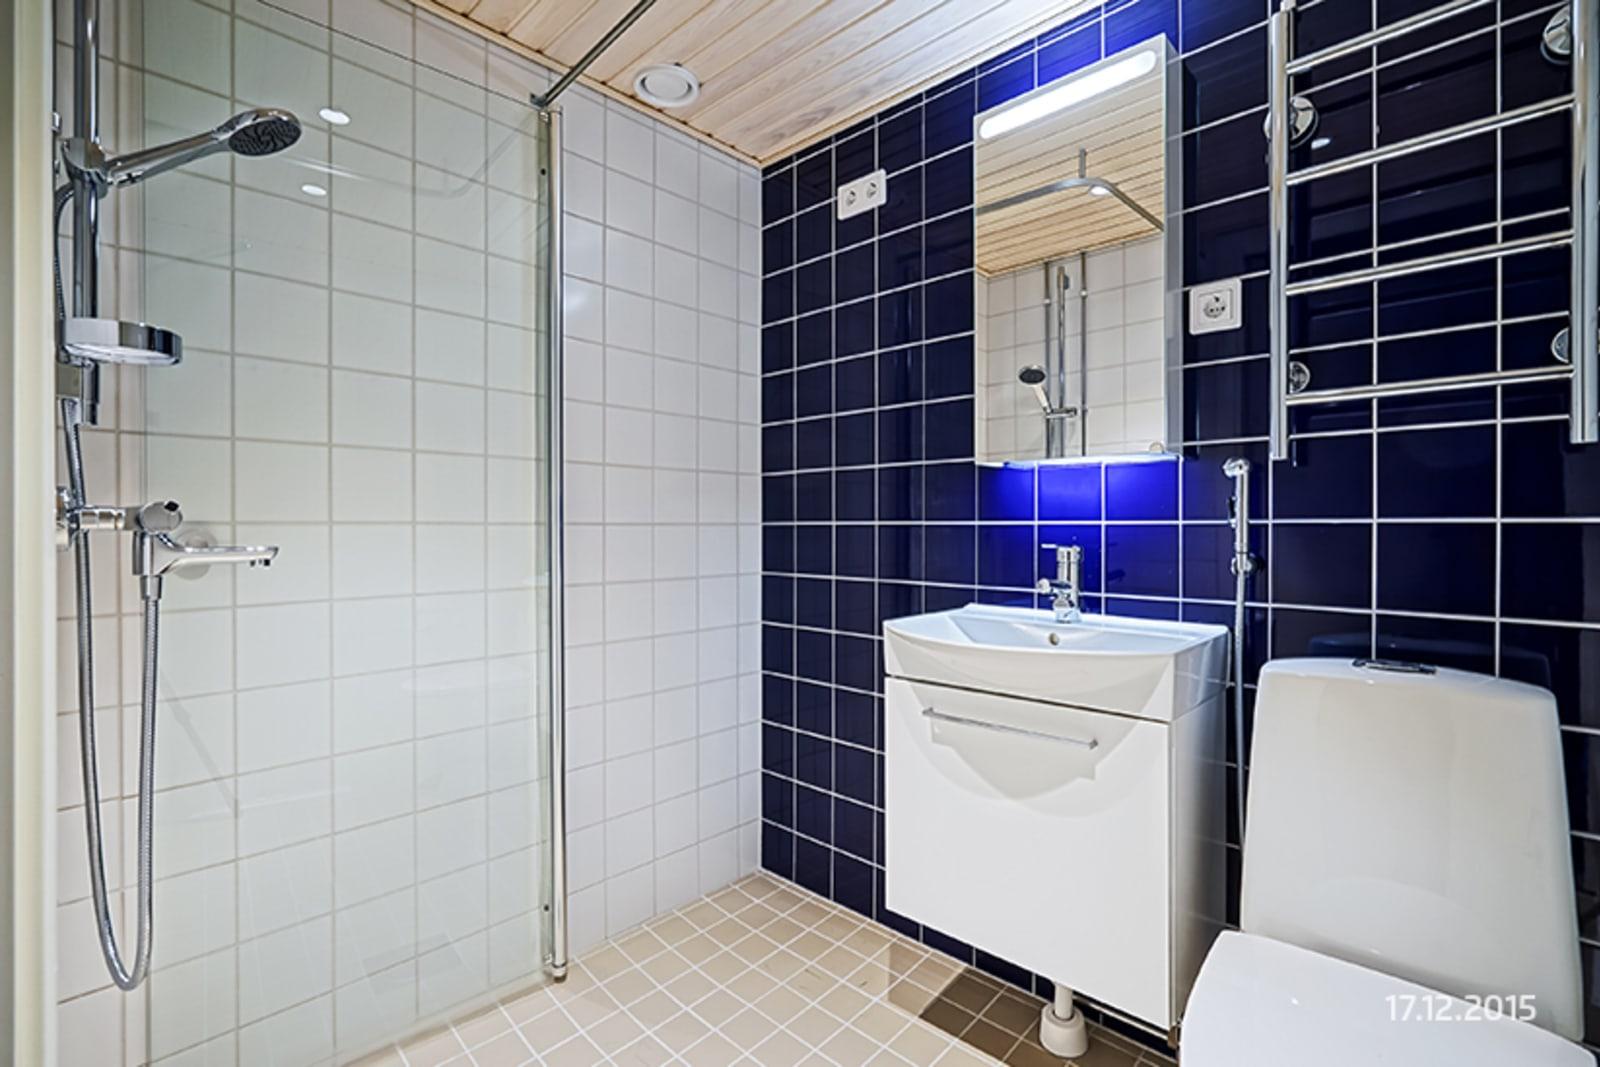 Vantaa, Myyrmäki, Putouskuja 7 B 018